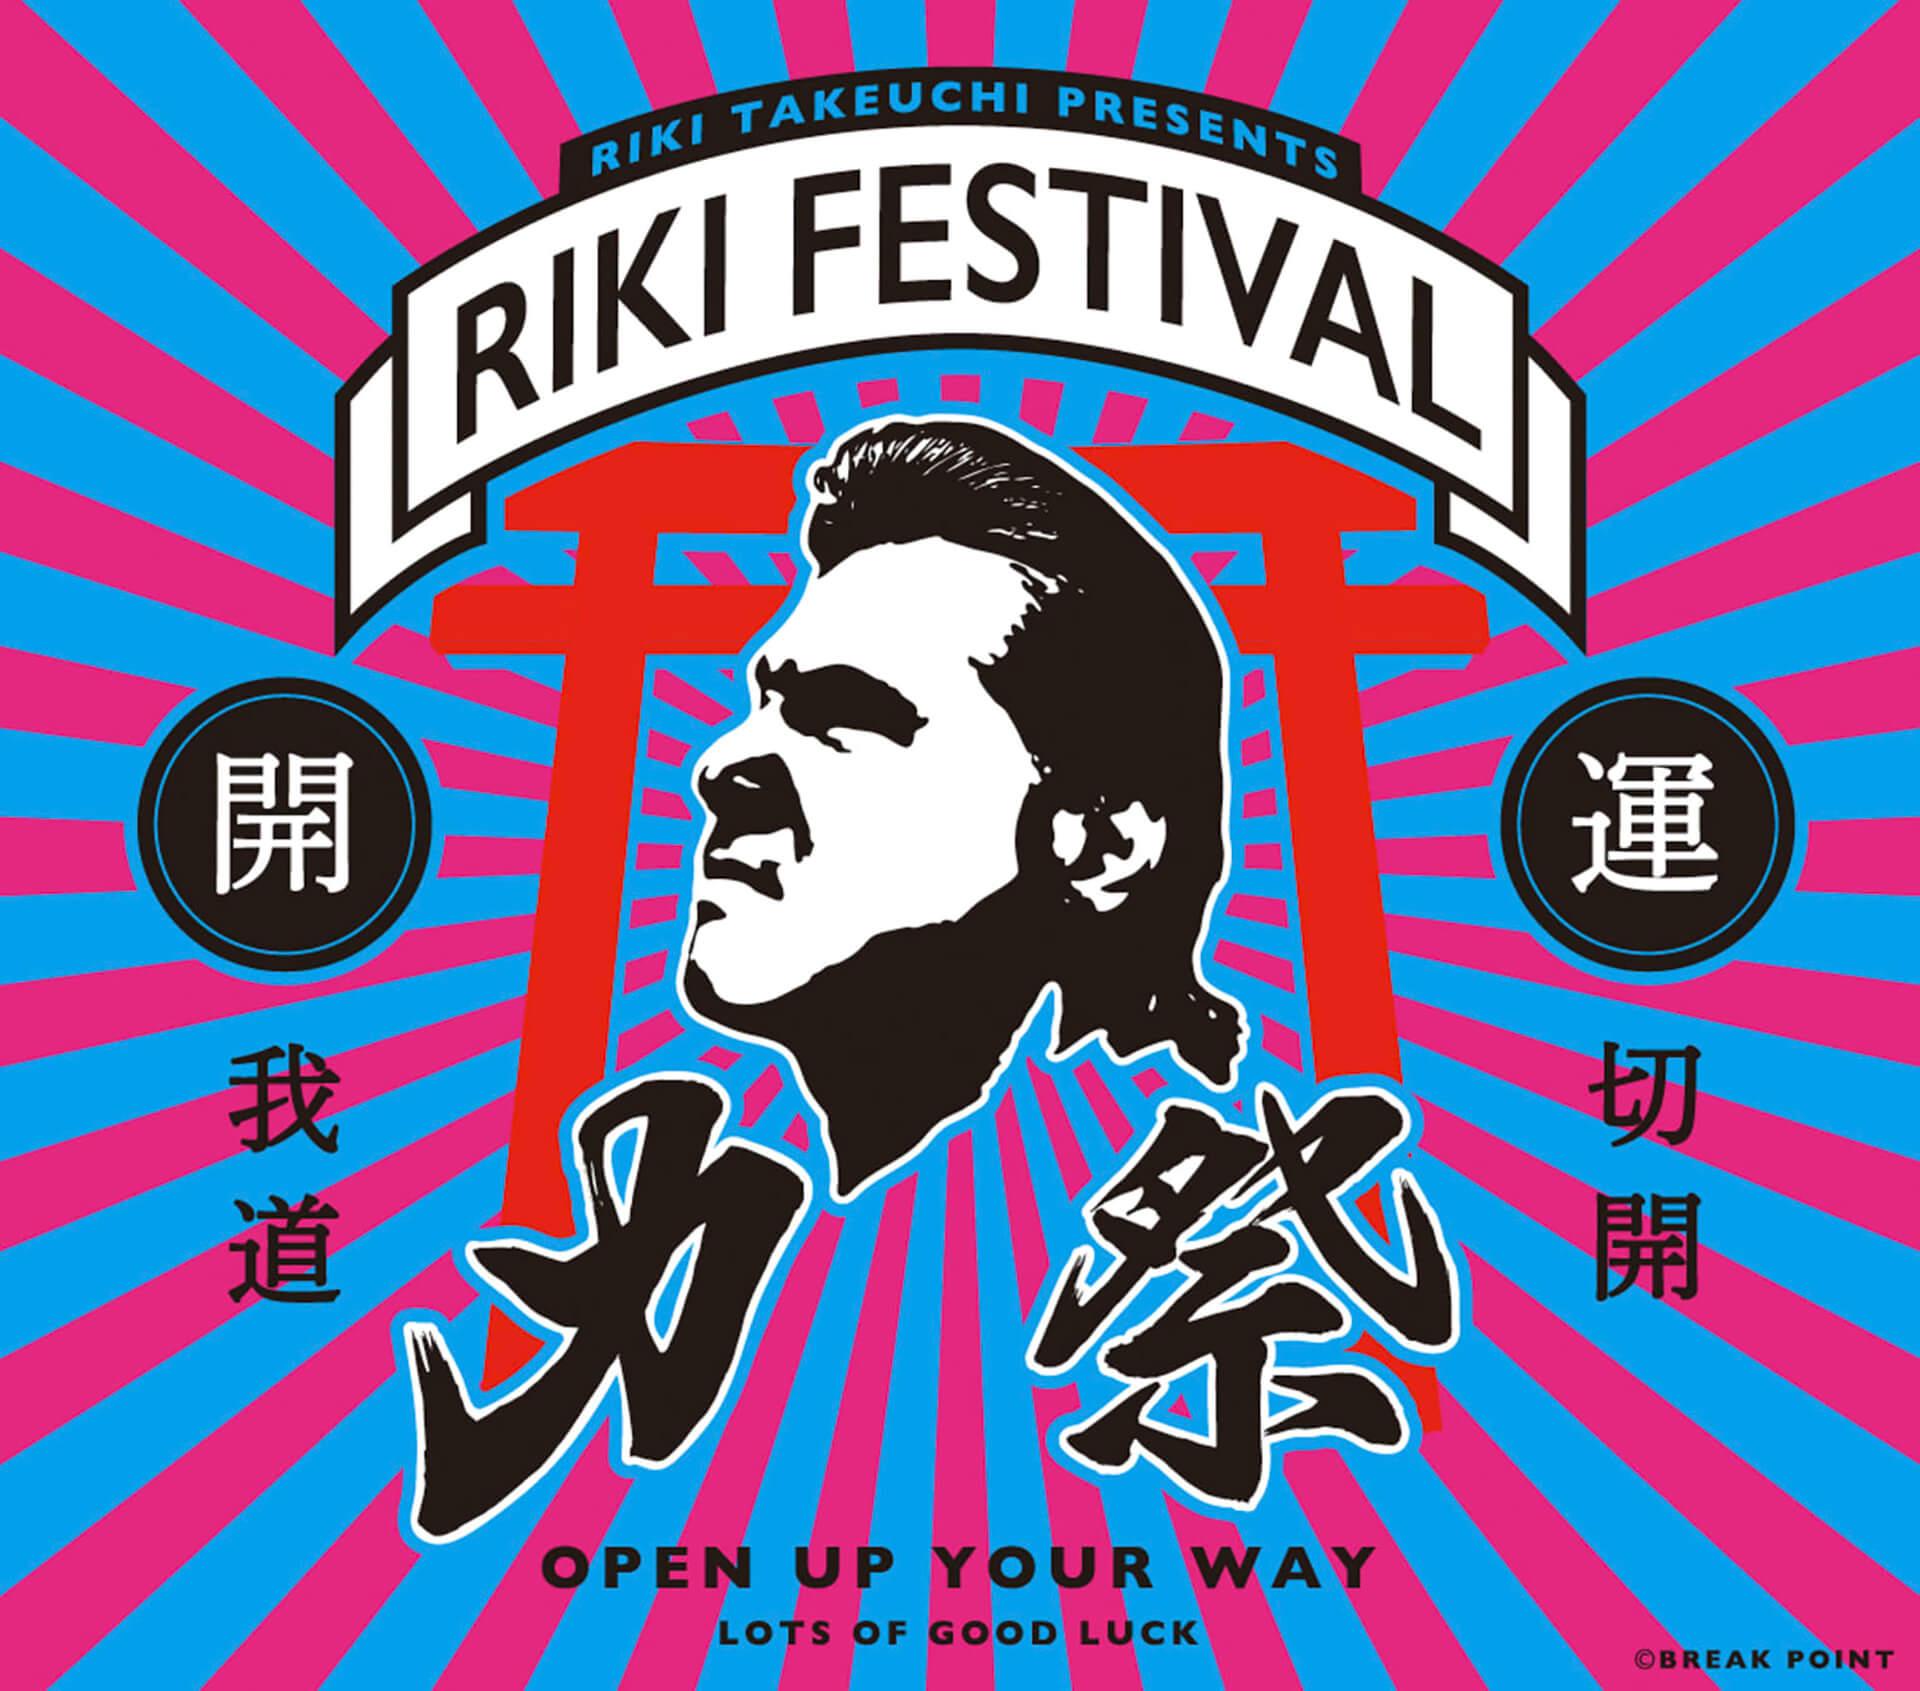 力祭ーRIKI FESTIVALーのメインビジュアル・イラスト調のポスターです